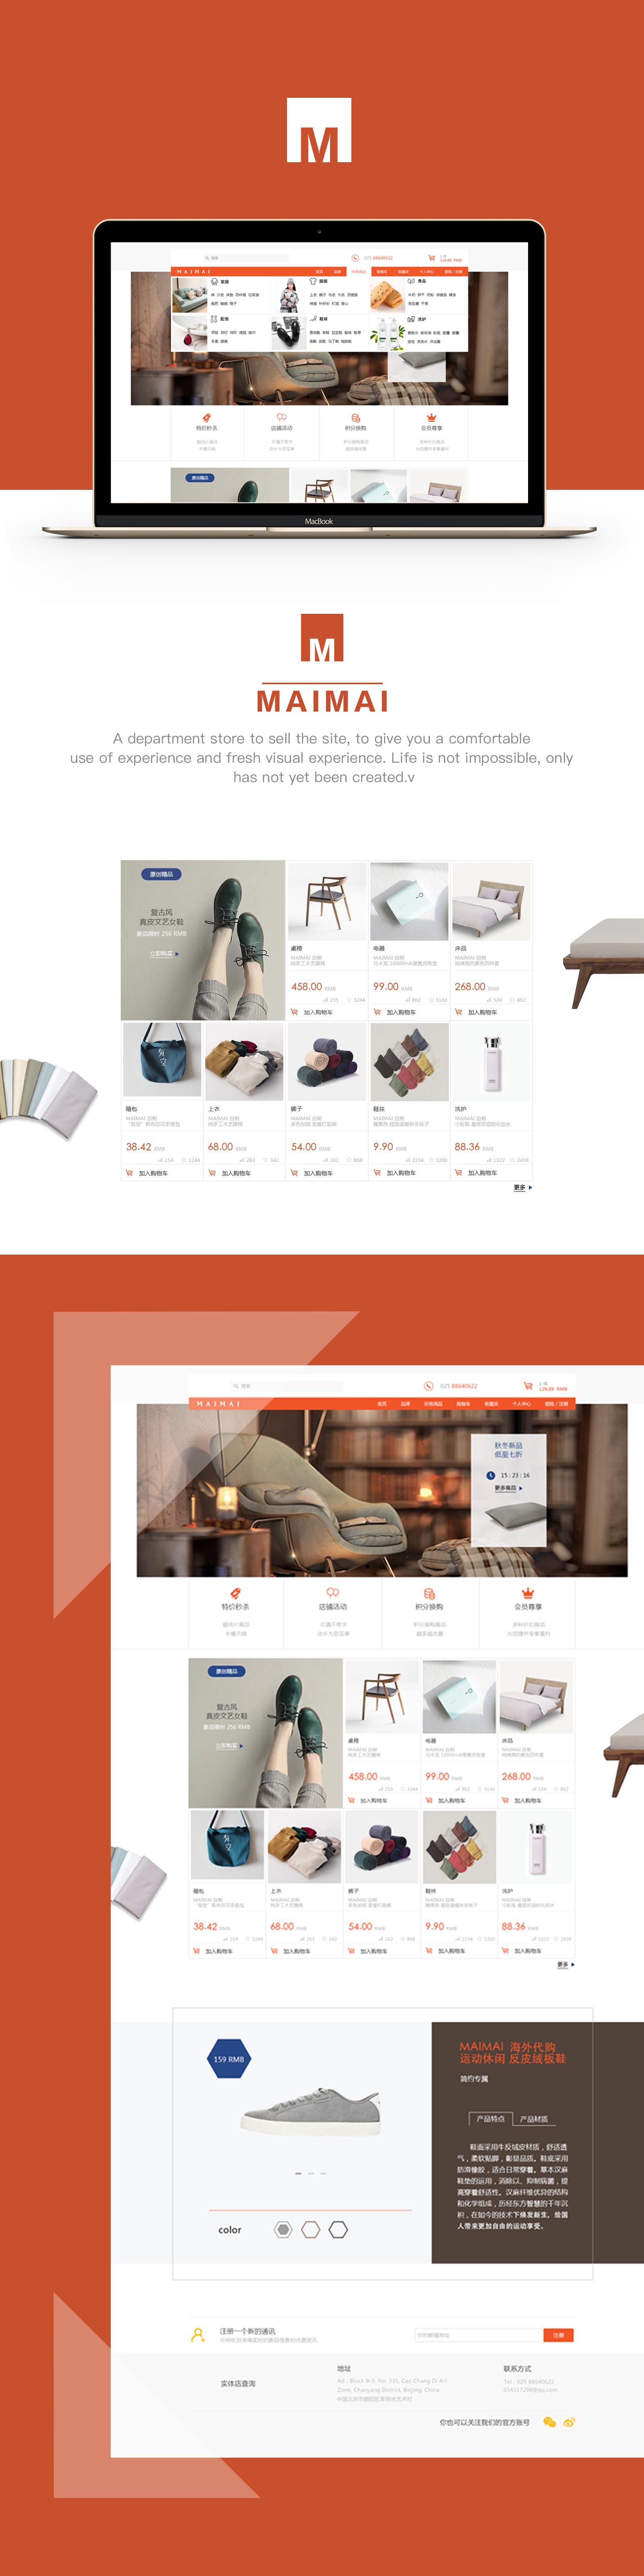 一款面向年轻消费群体的电商网页设计图片